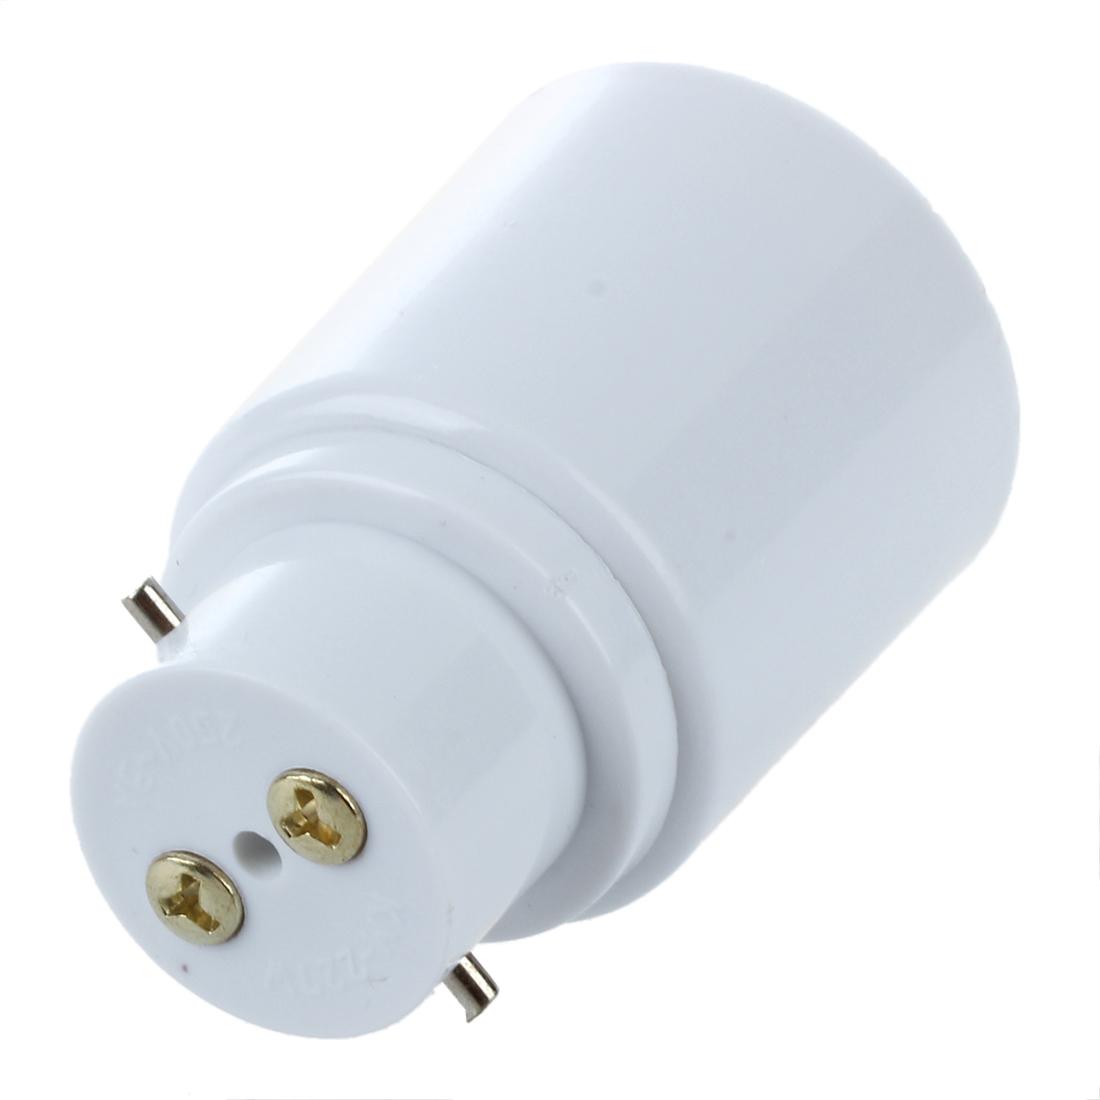 2x vis e27 a culot a baionnette b22 ampoule lampe adaptateur convertisseur sock ebay. Black Bedroom Furniture Sets. Home Design Ideas